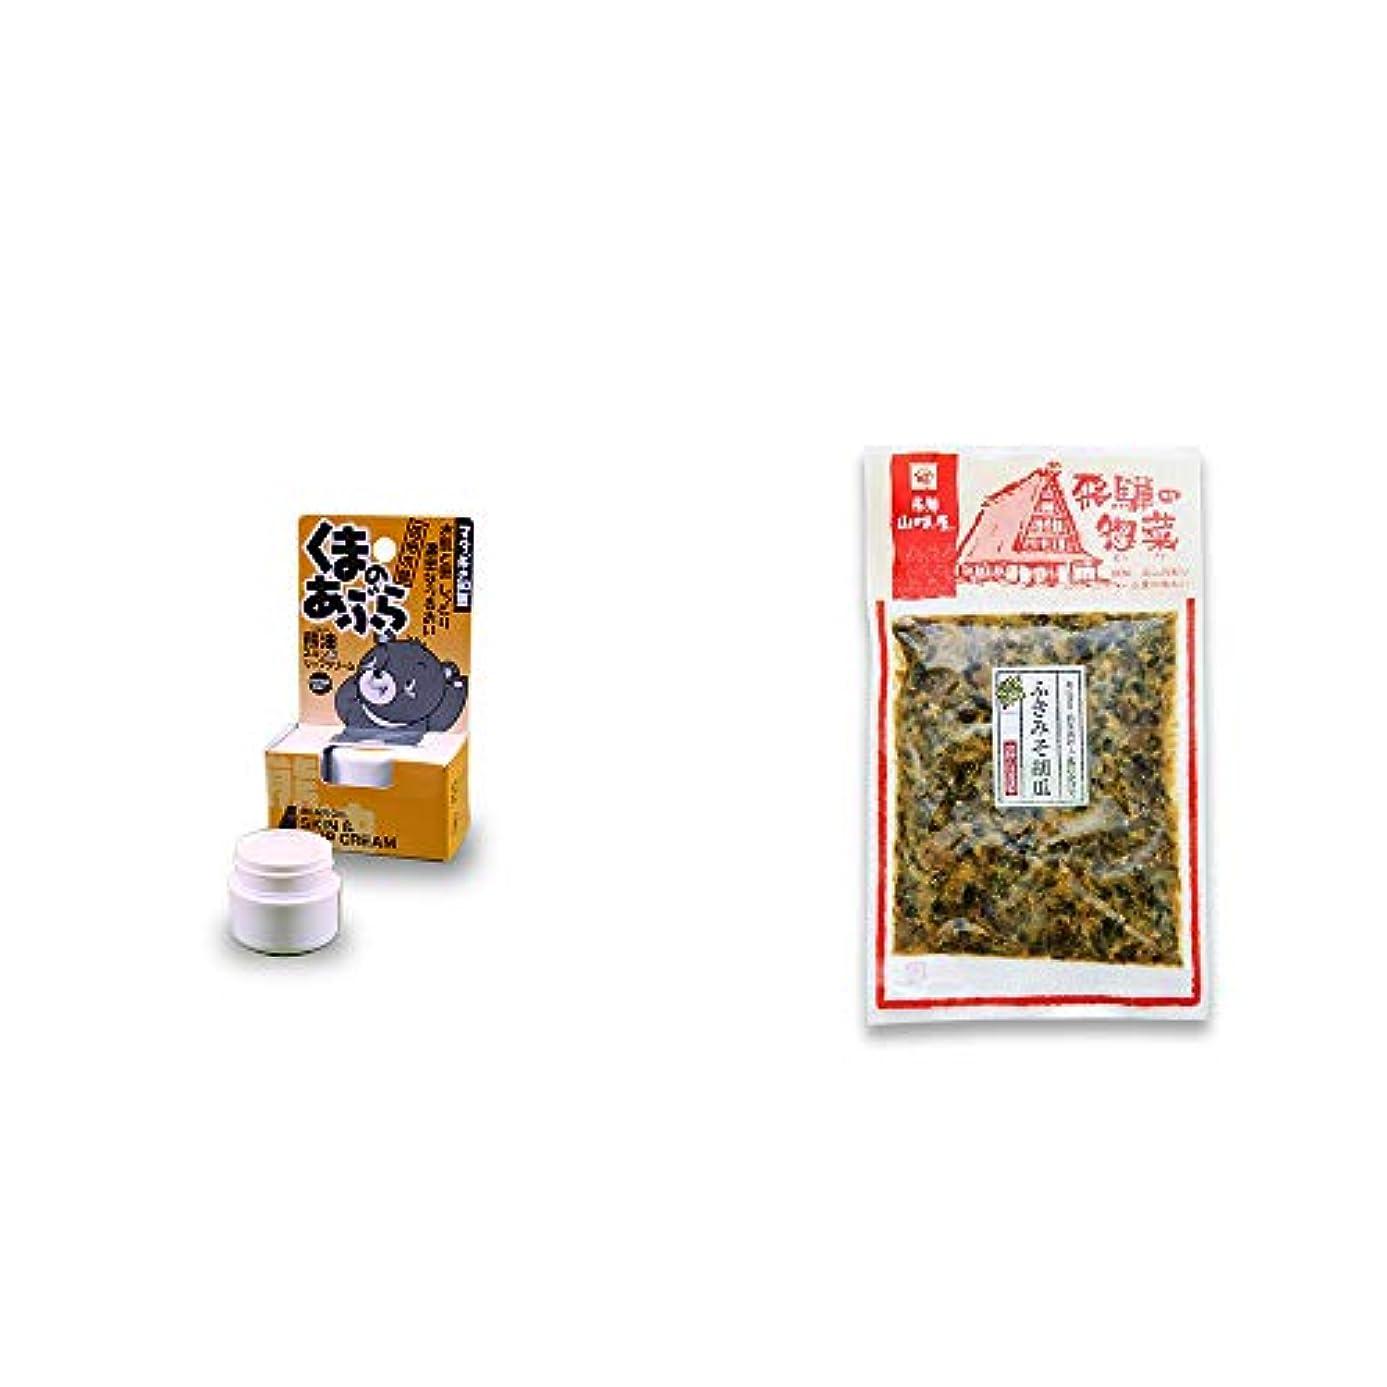 機械意図的郵便屋さん[2点セット] 信州木曽 くまのあぶら 熊油スキン&リップクリーム(9g)?飛騨山味屋 ふきみそ胡瓜(120g)